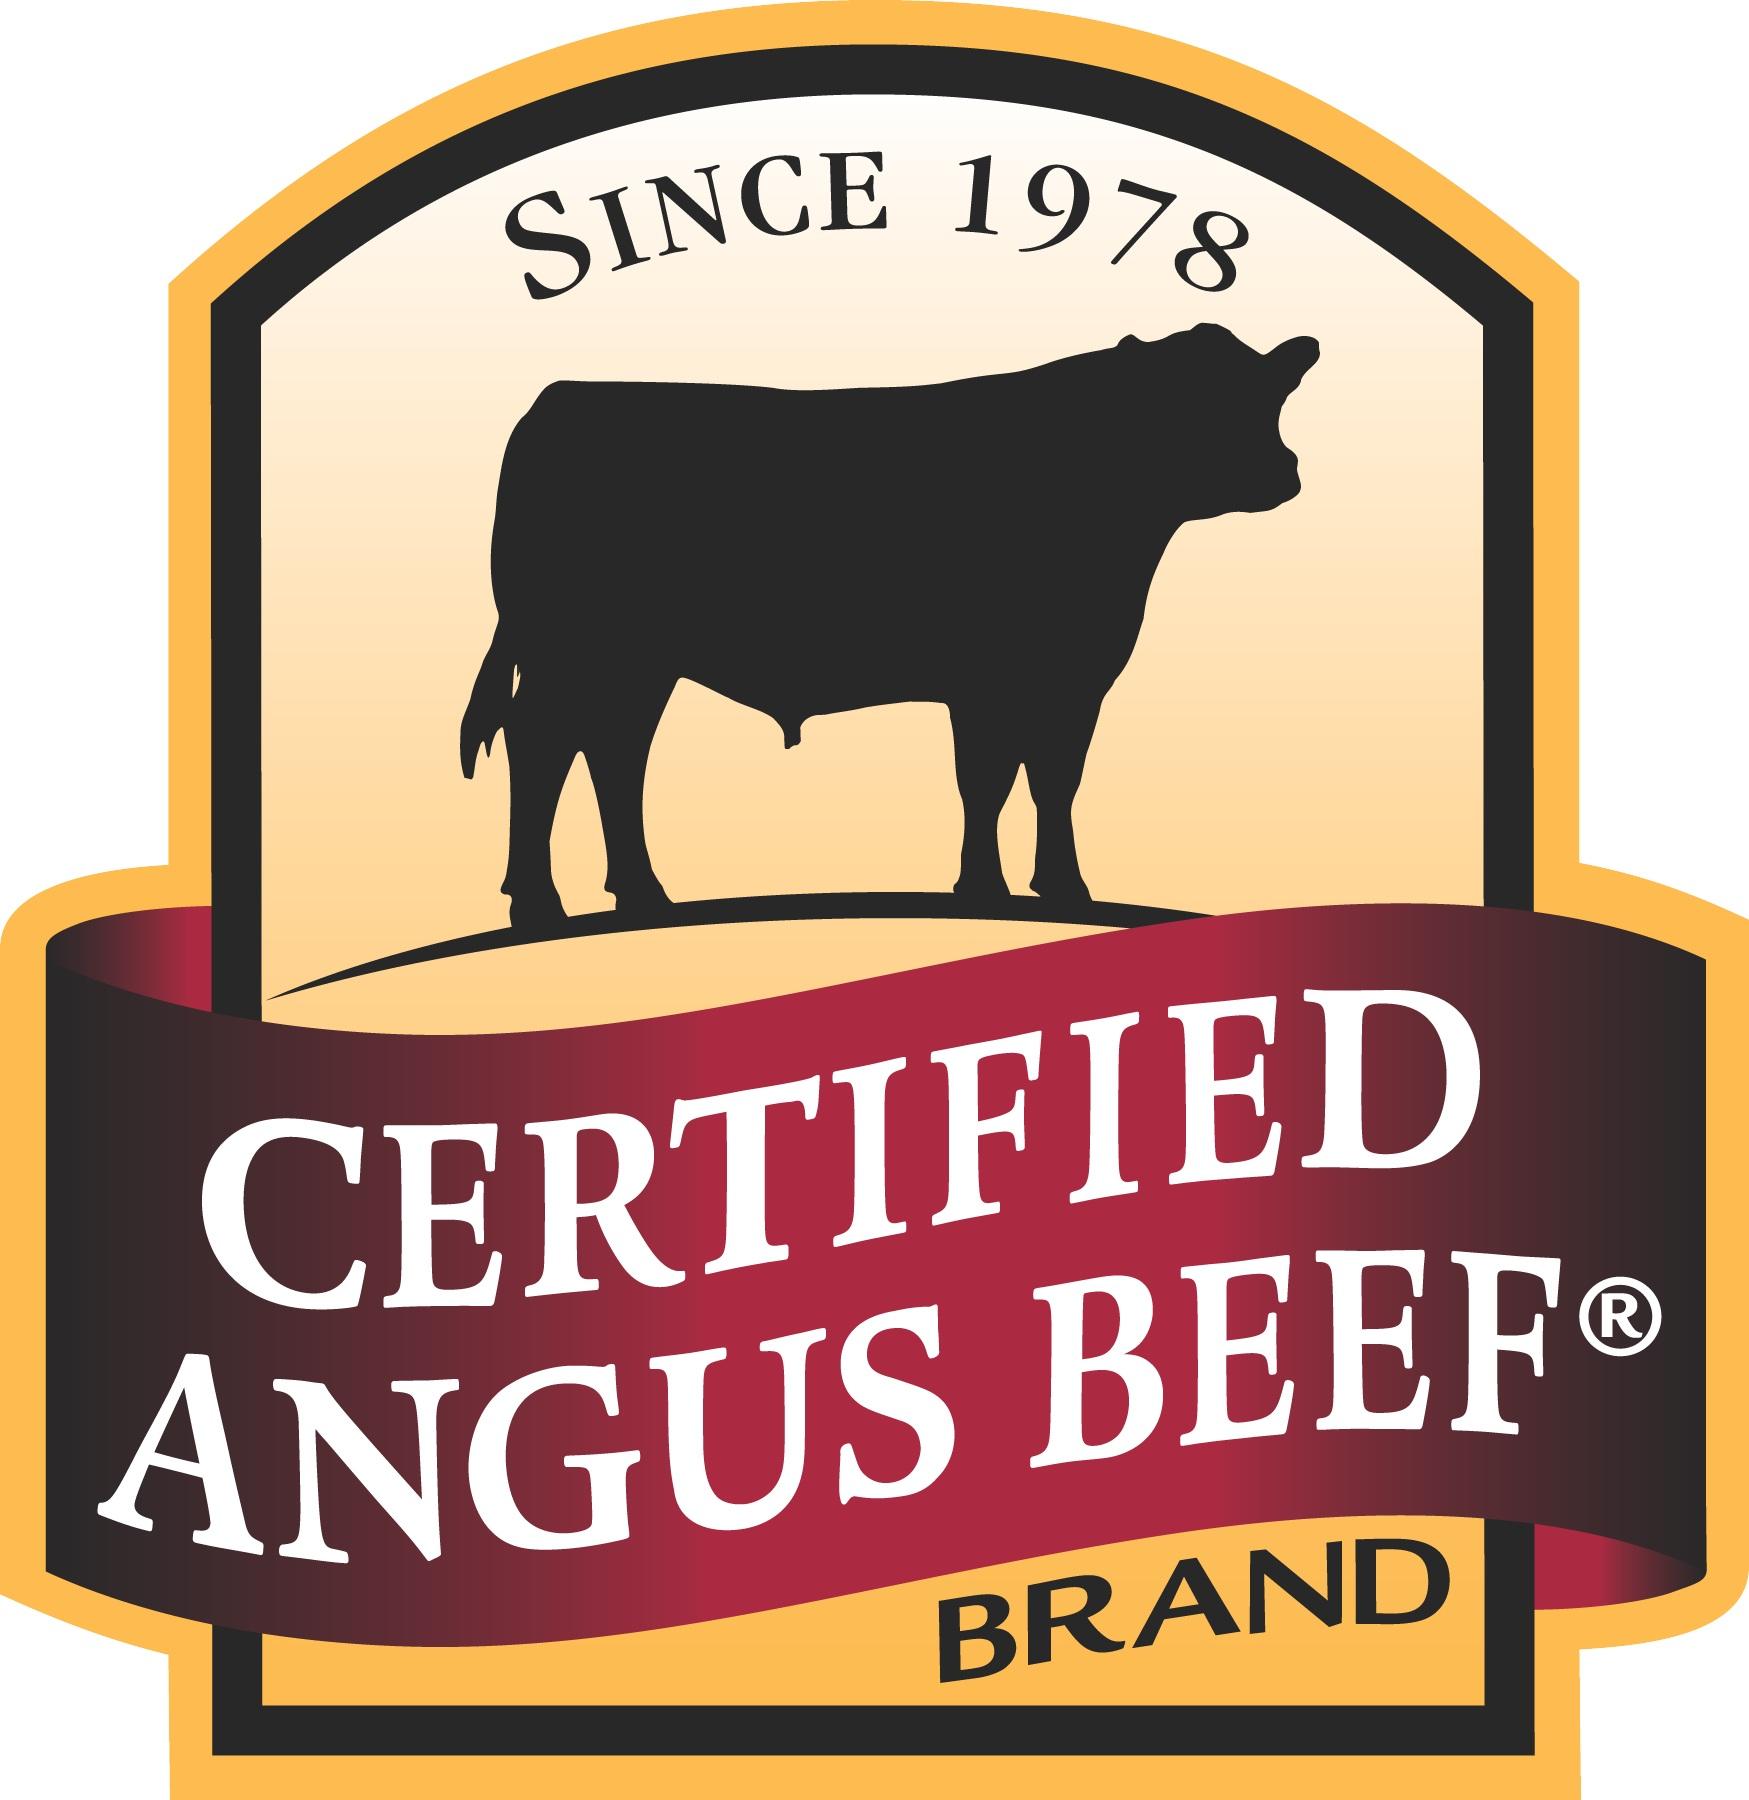 Certified-Angus-Beef-logo.jpg